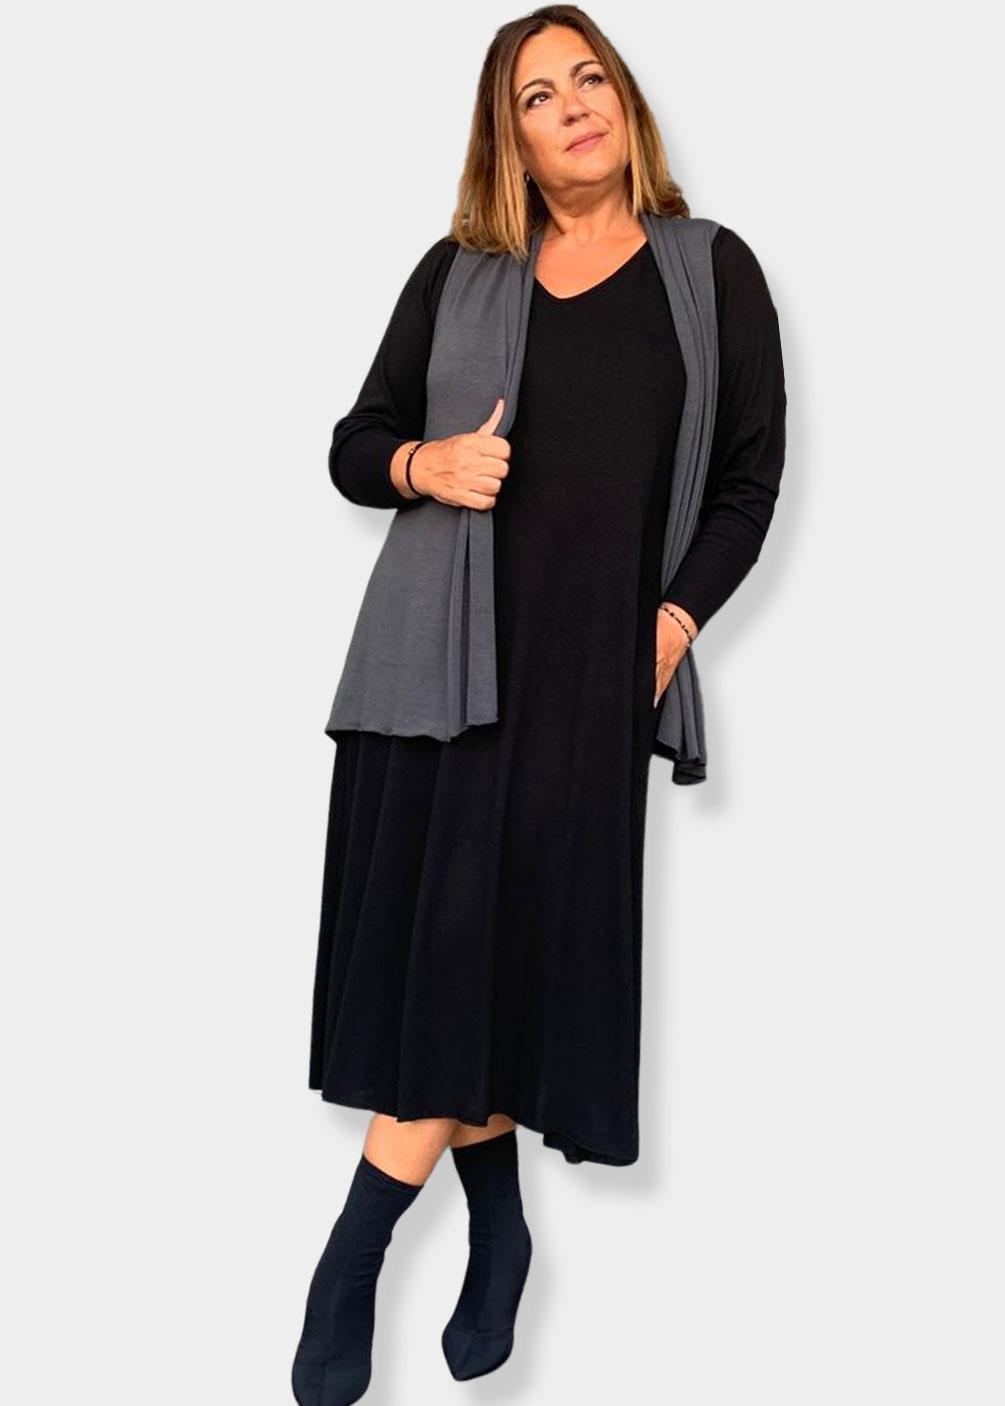 vestido negro punto talas grandes curvy indra